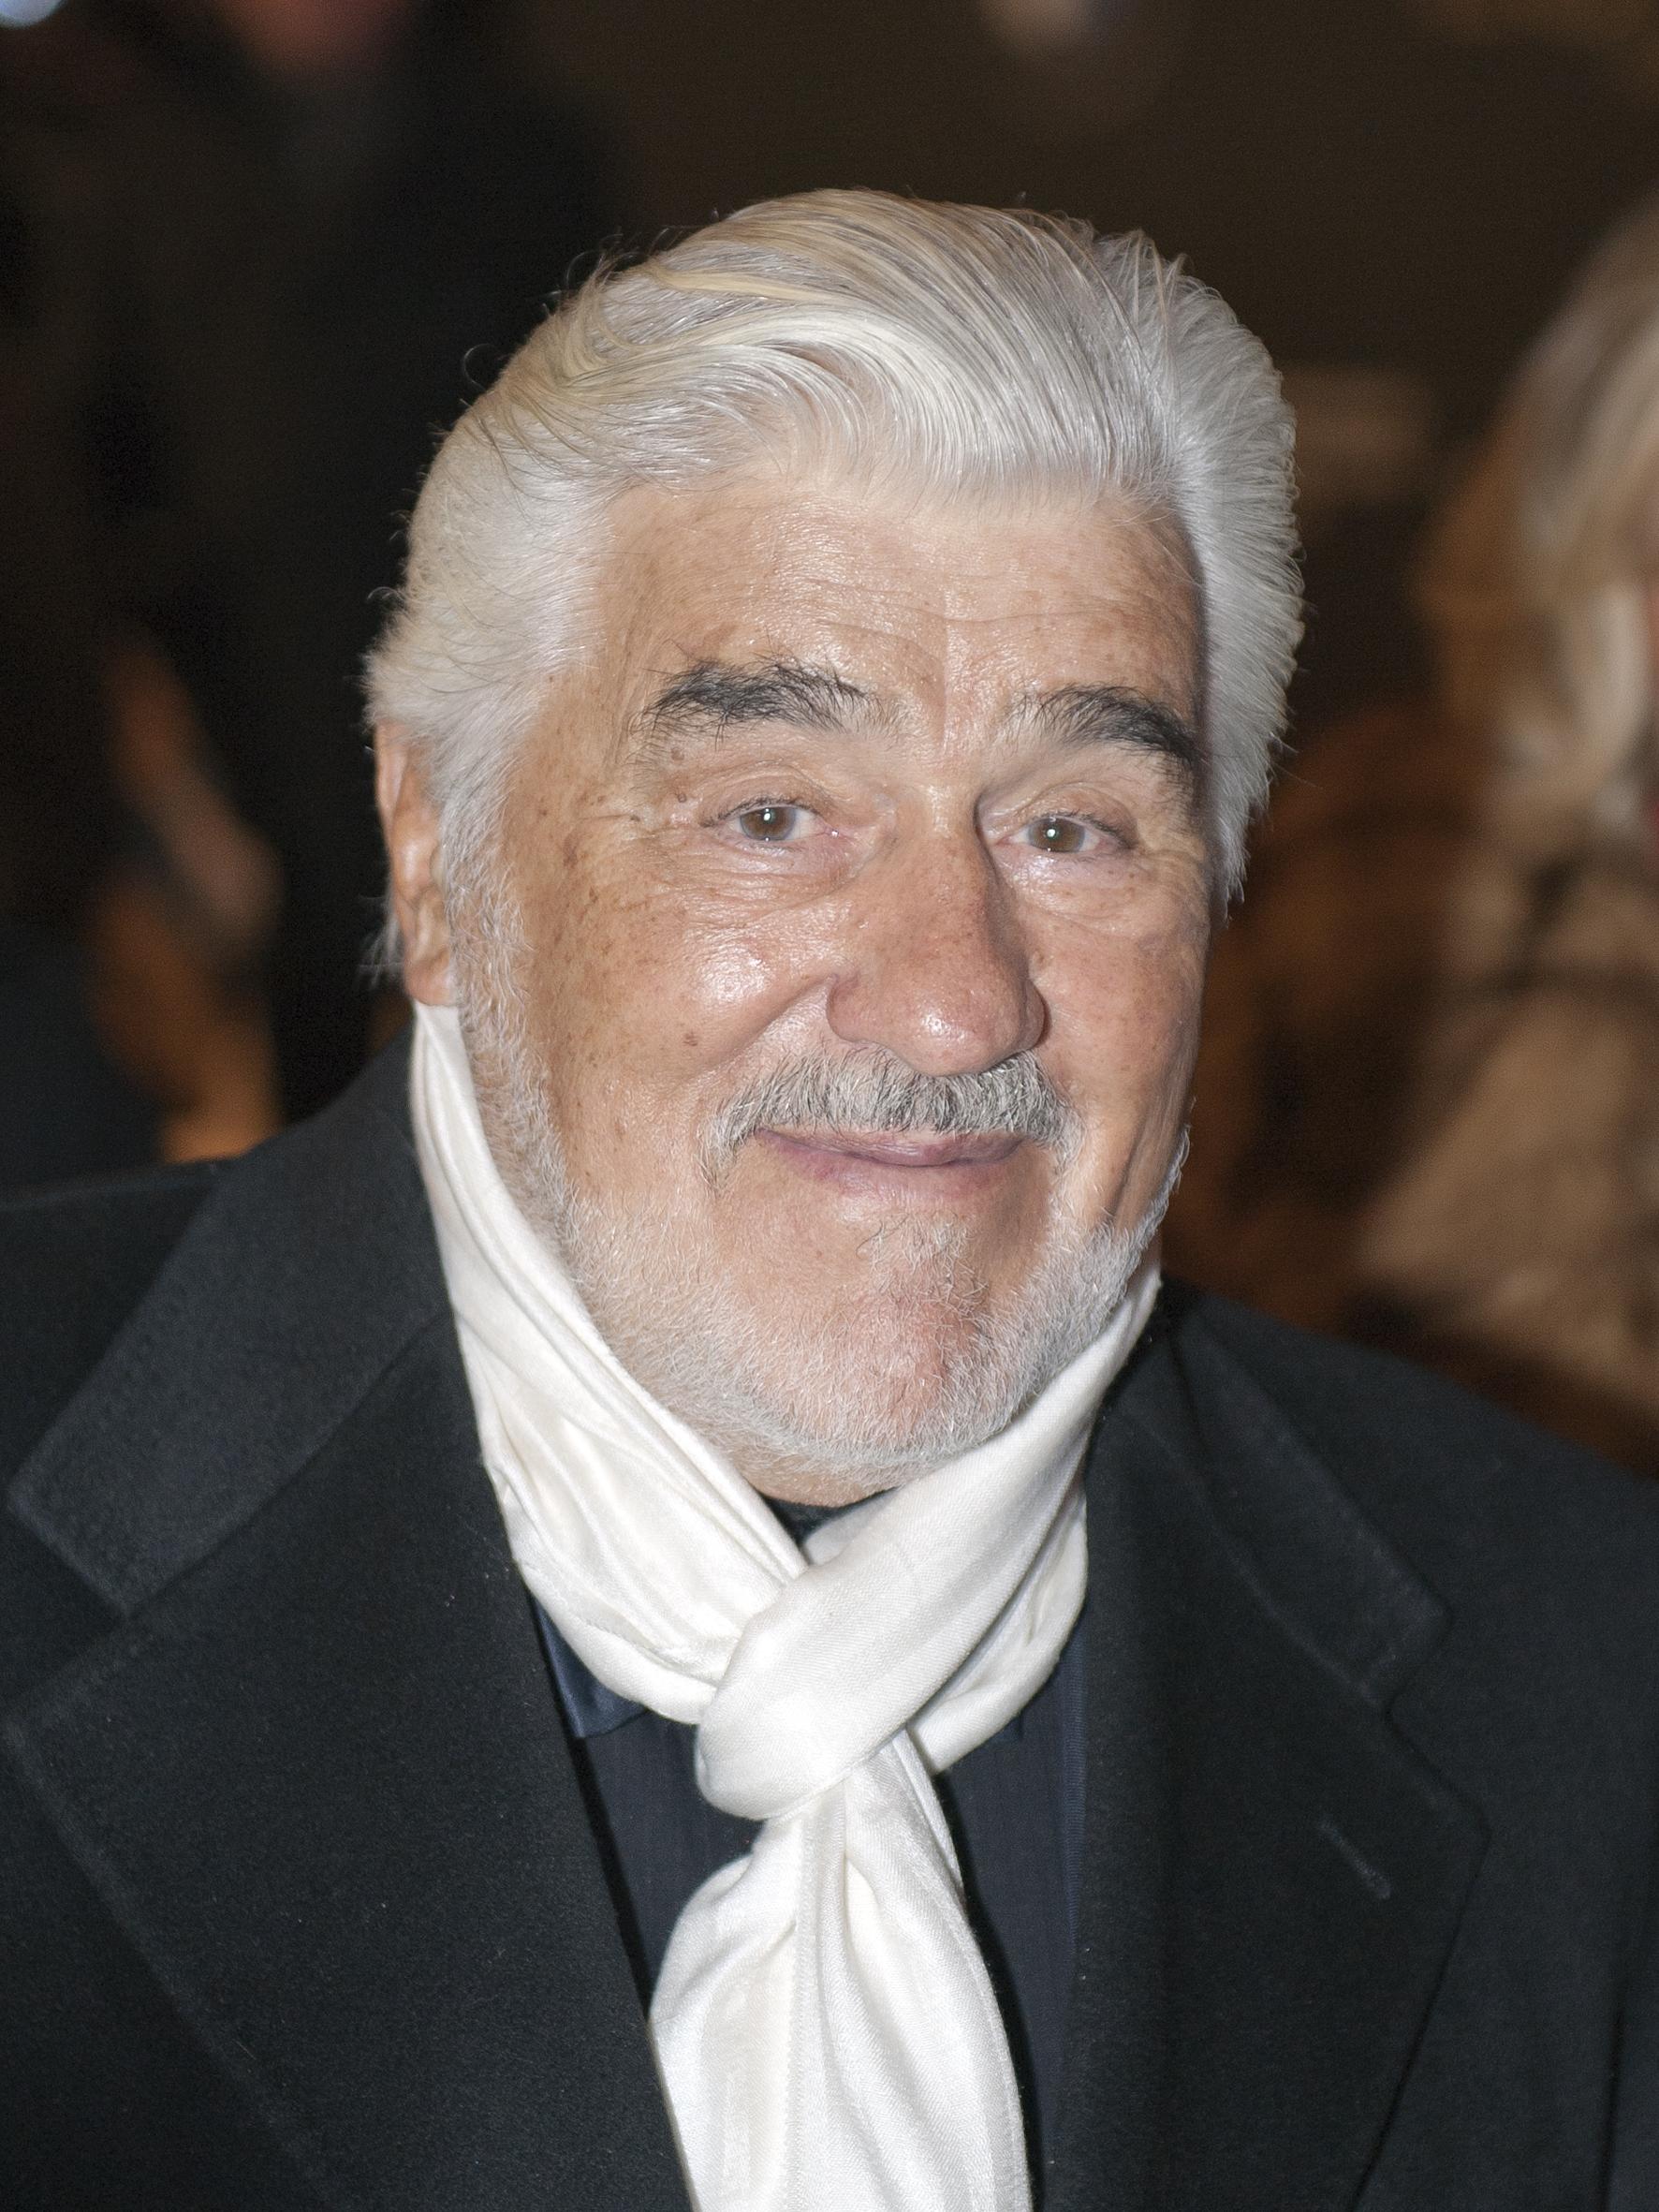 Mario Adorf Wikipedia